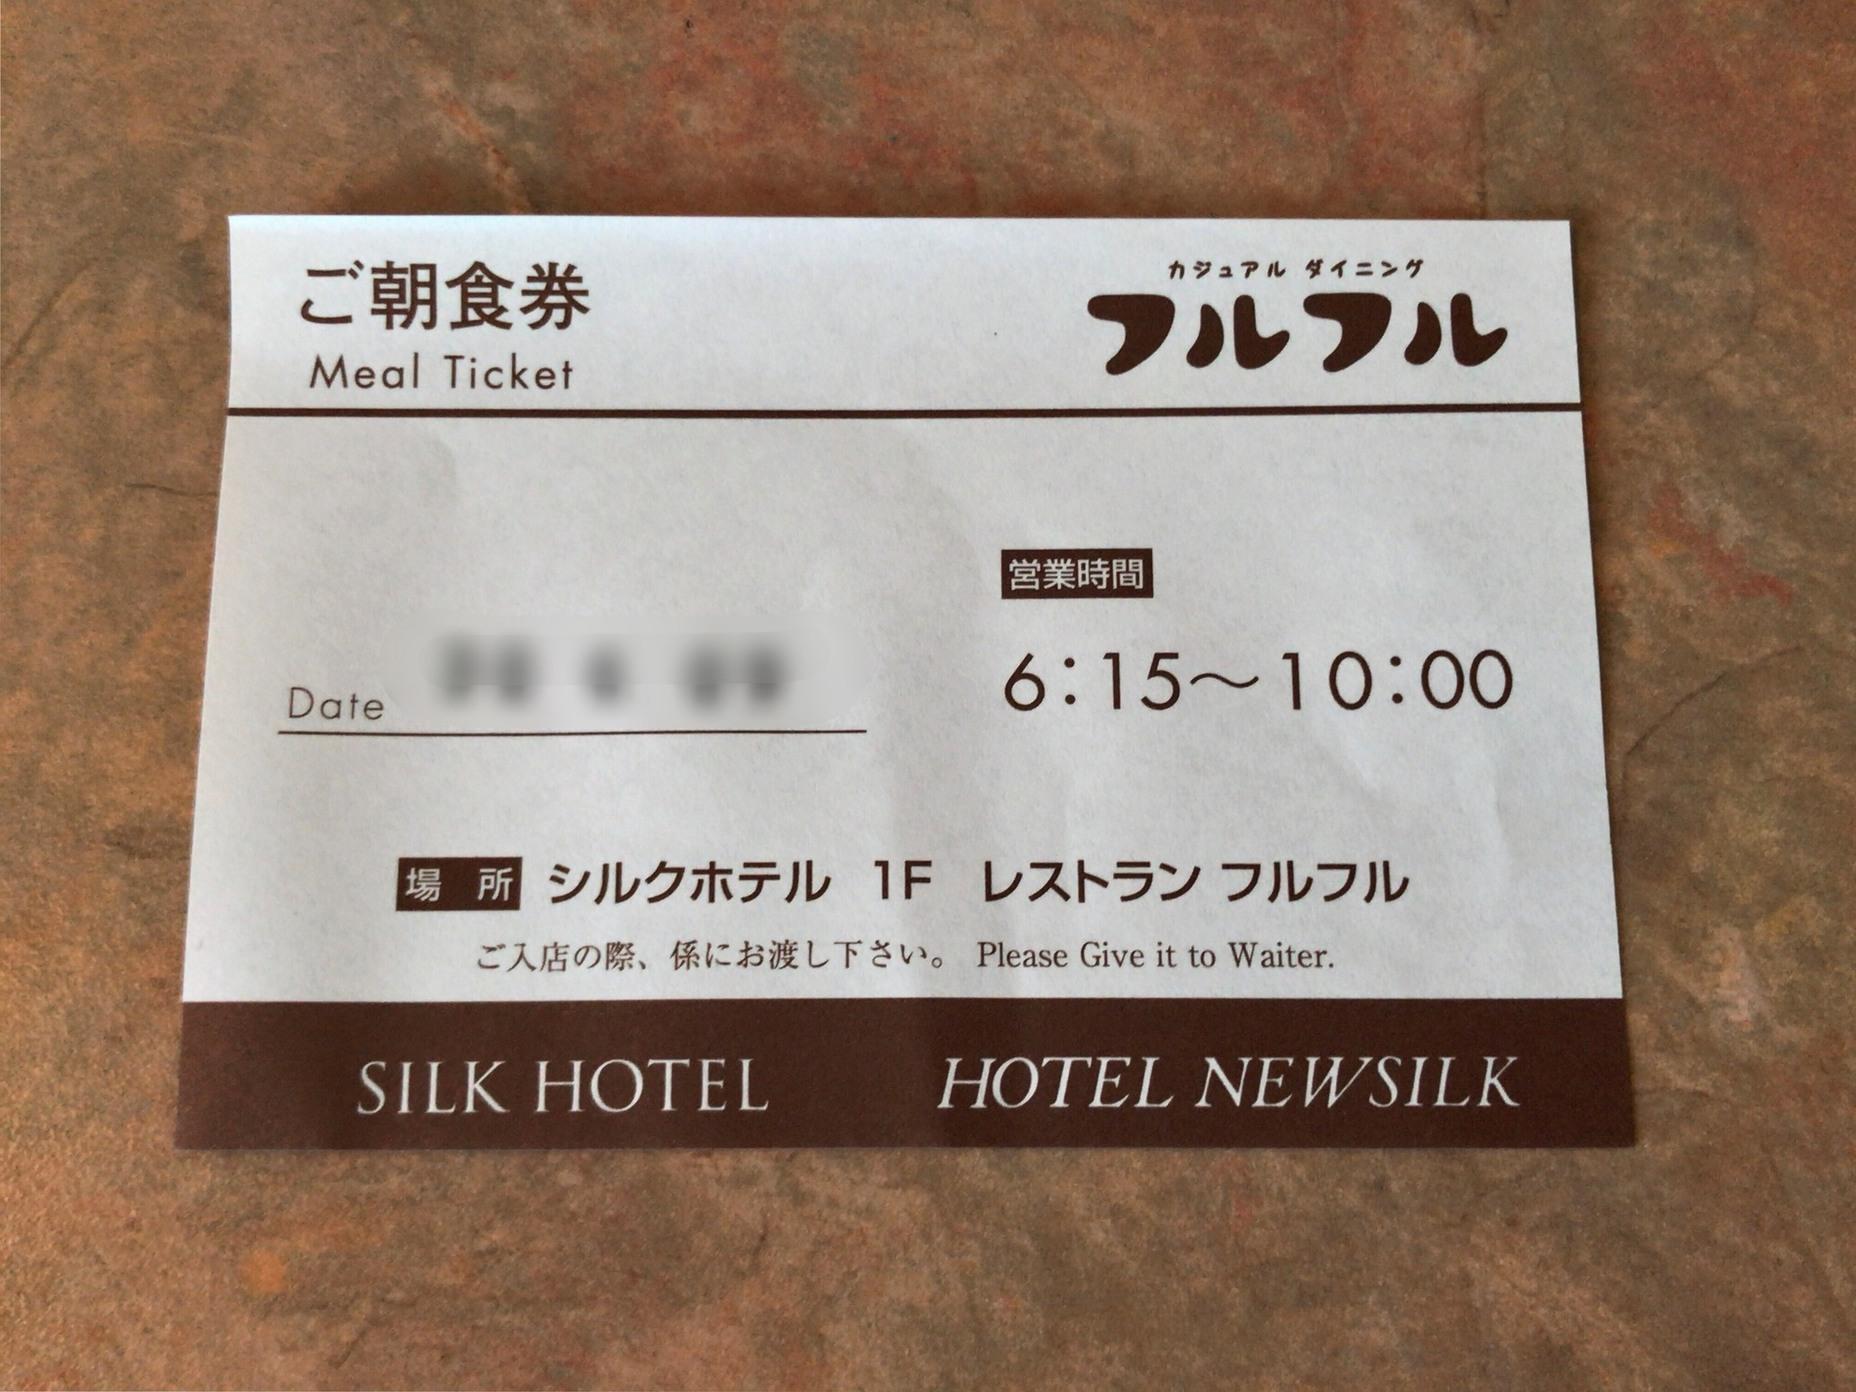 シルクホテル name=